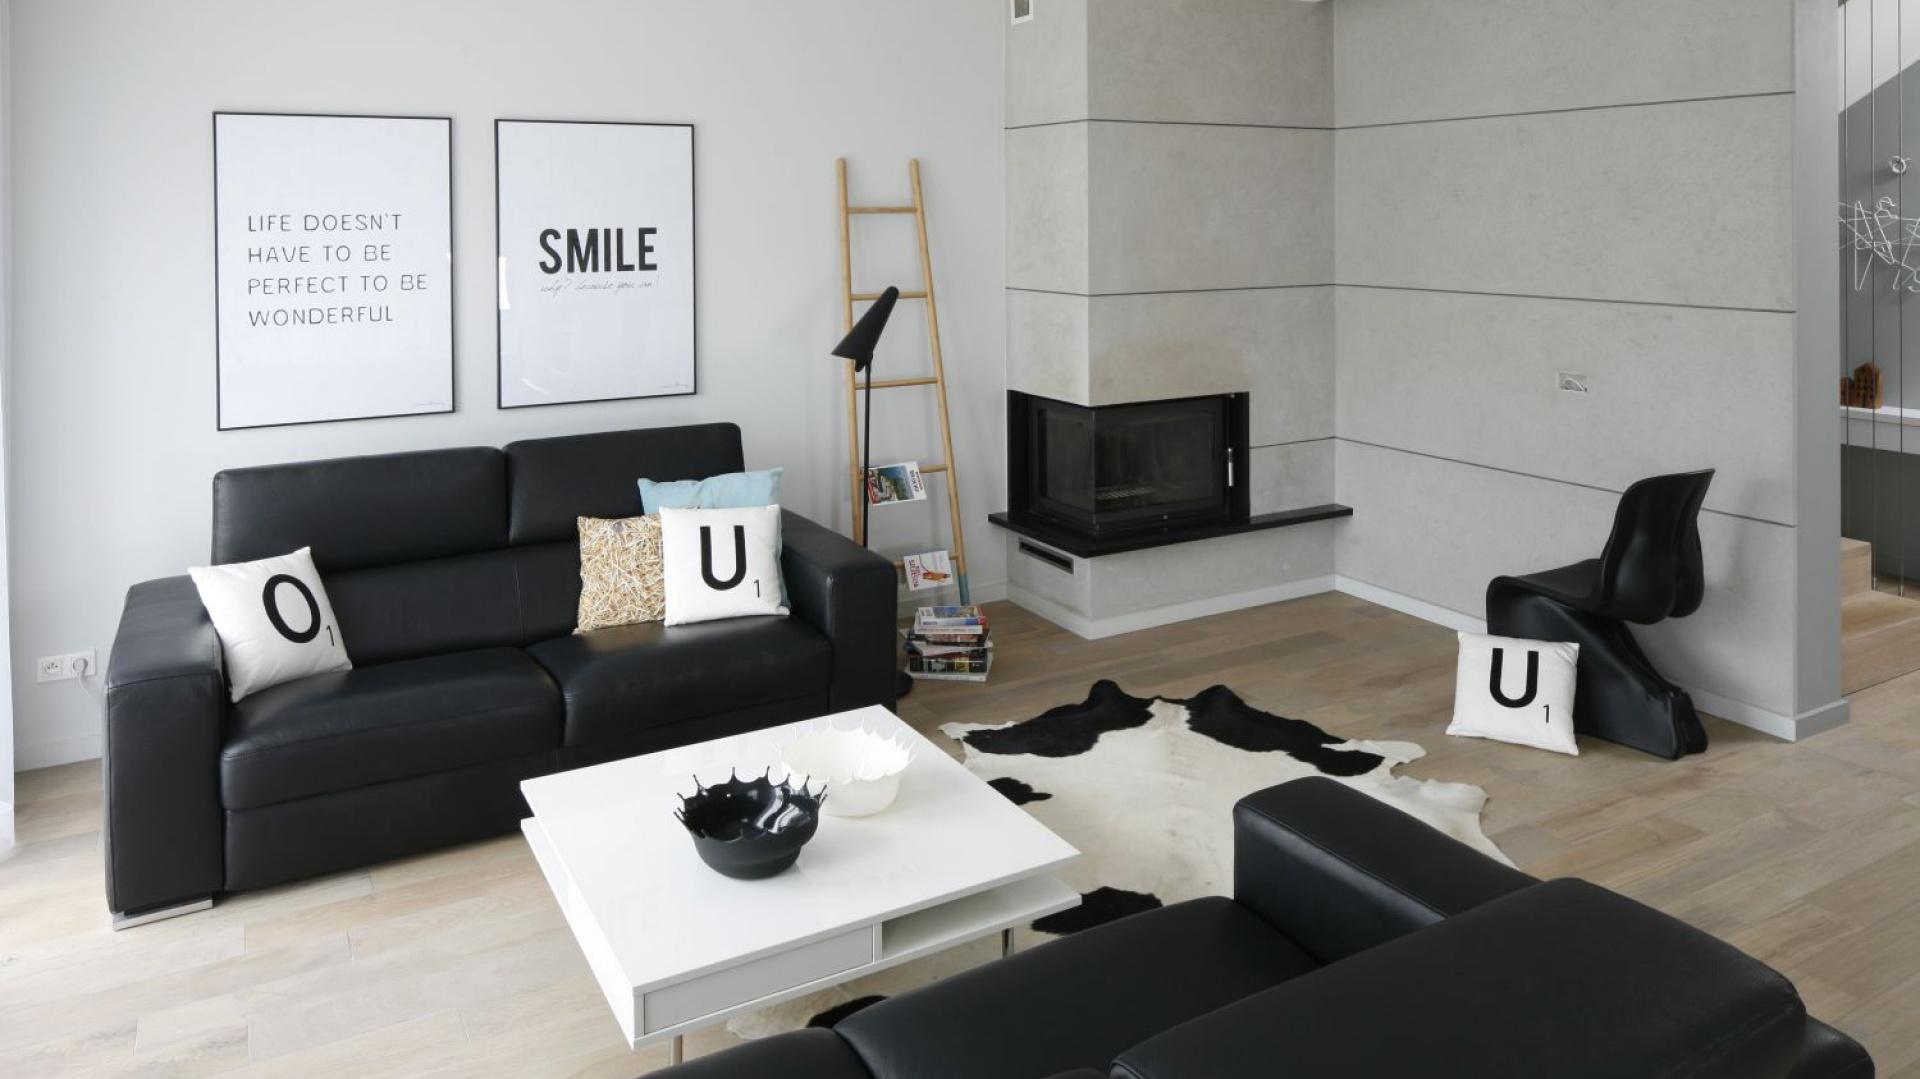 W urządzonym w klimacie soft loft salonie kominek zyskał właściwą dla tej stylistyki, betonową oprawę. Projekt: Beata Kruszyńska. Fot. Bartosz Jarosz.